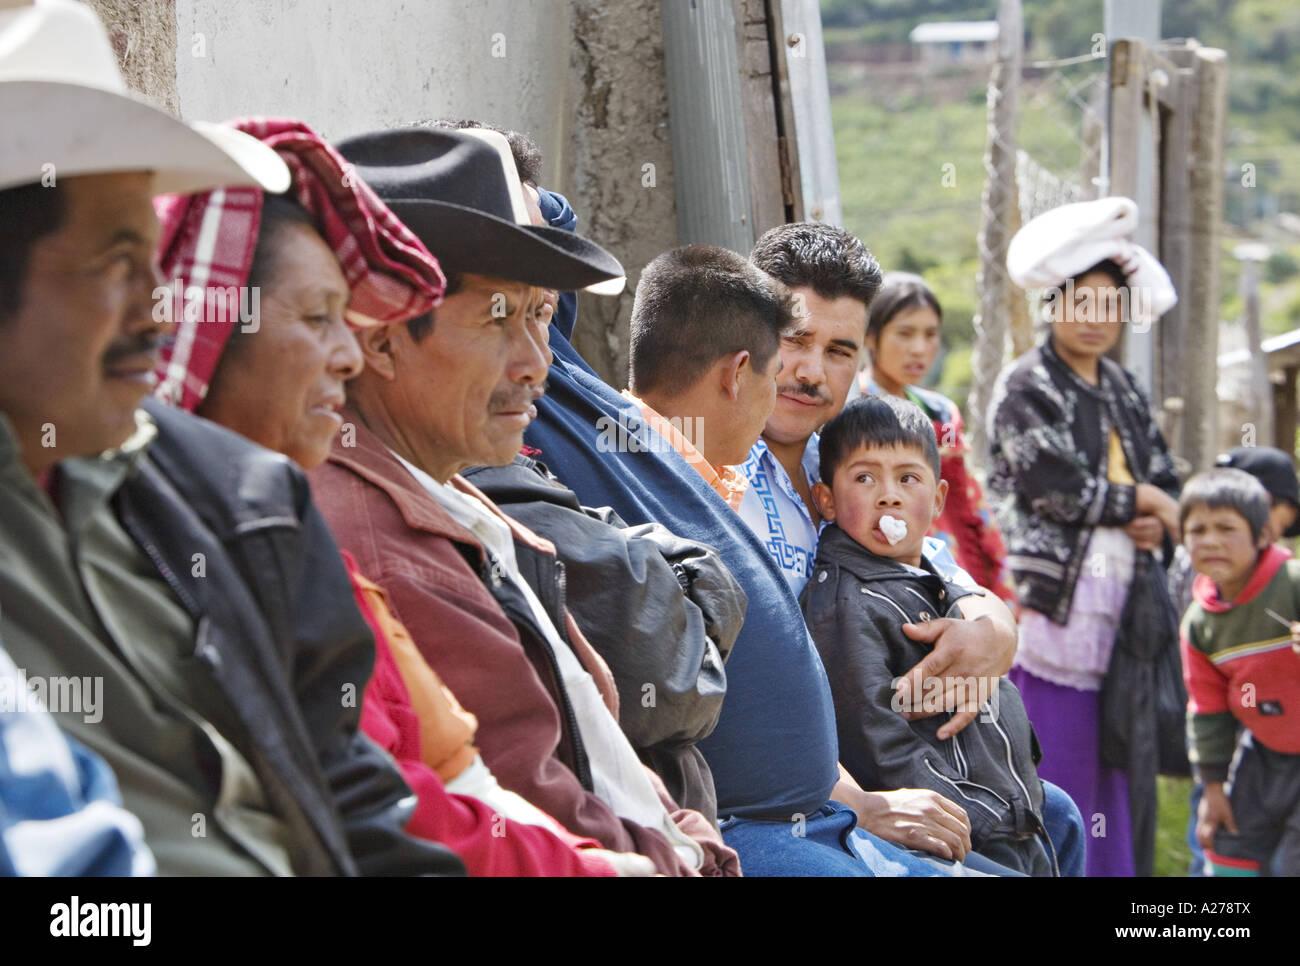 27998923cd0b0 GUATEMALA CAPELLANIA indígenas maya Quiche hombres en sombreros de vaqueros  y sus hijos a la espera de ser atendidos en la clínica médica